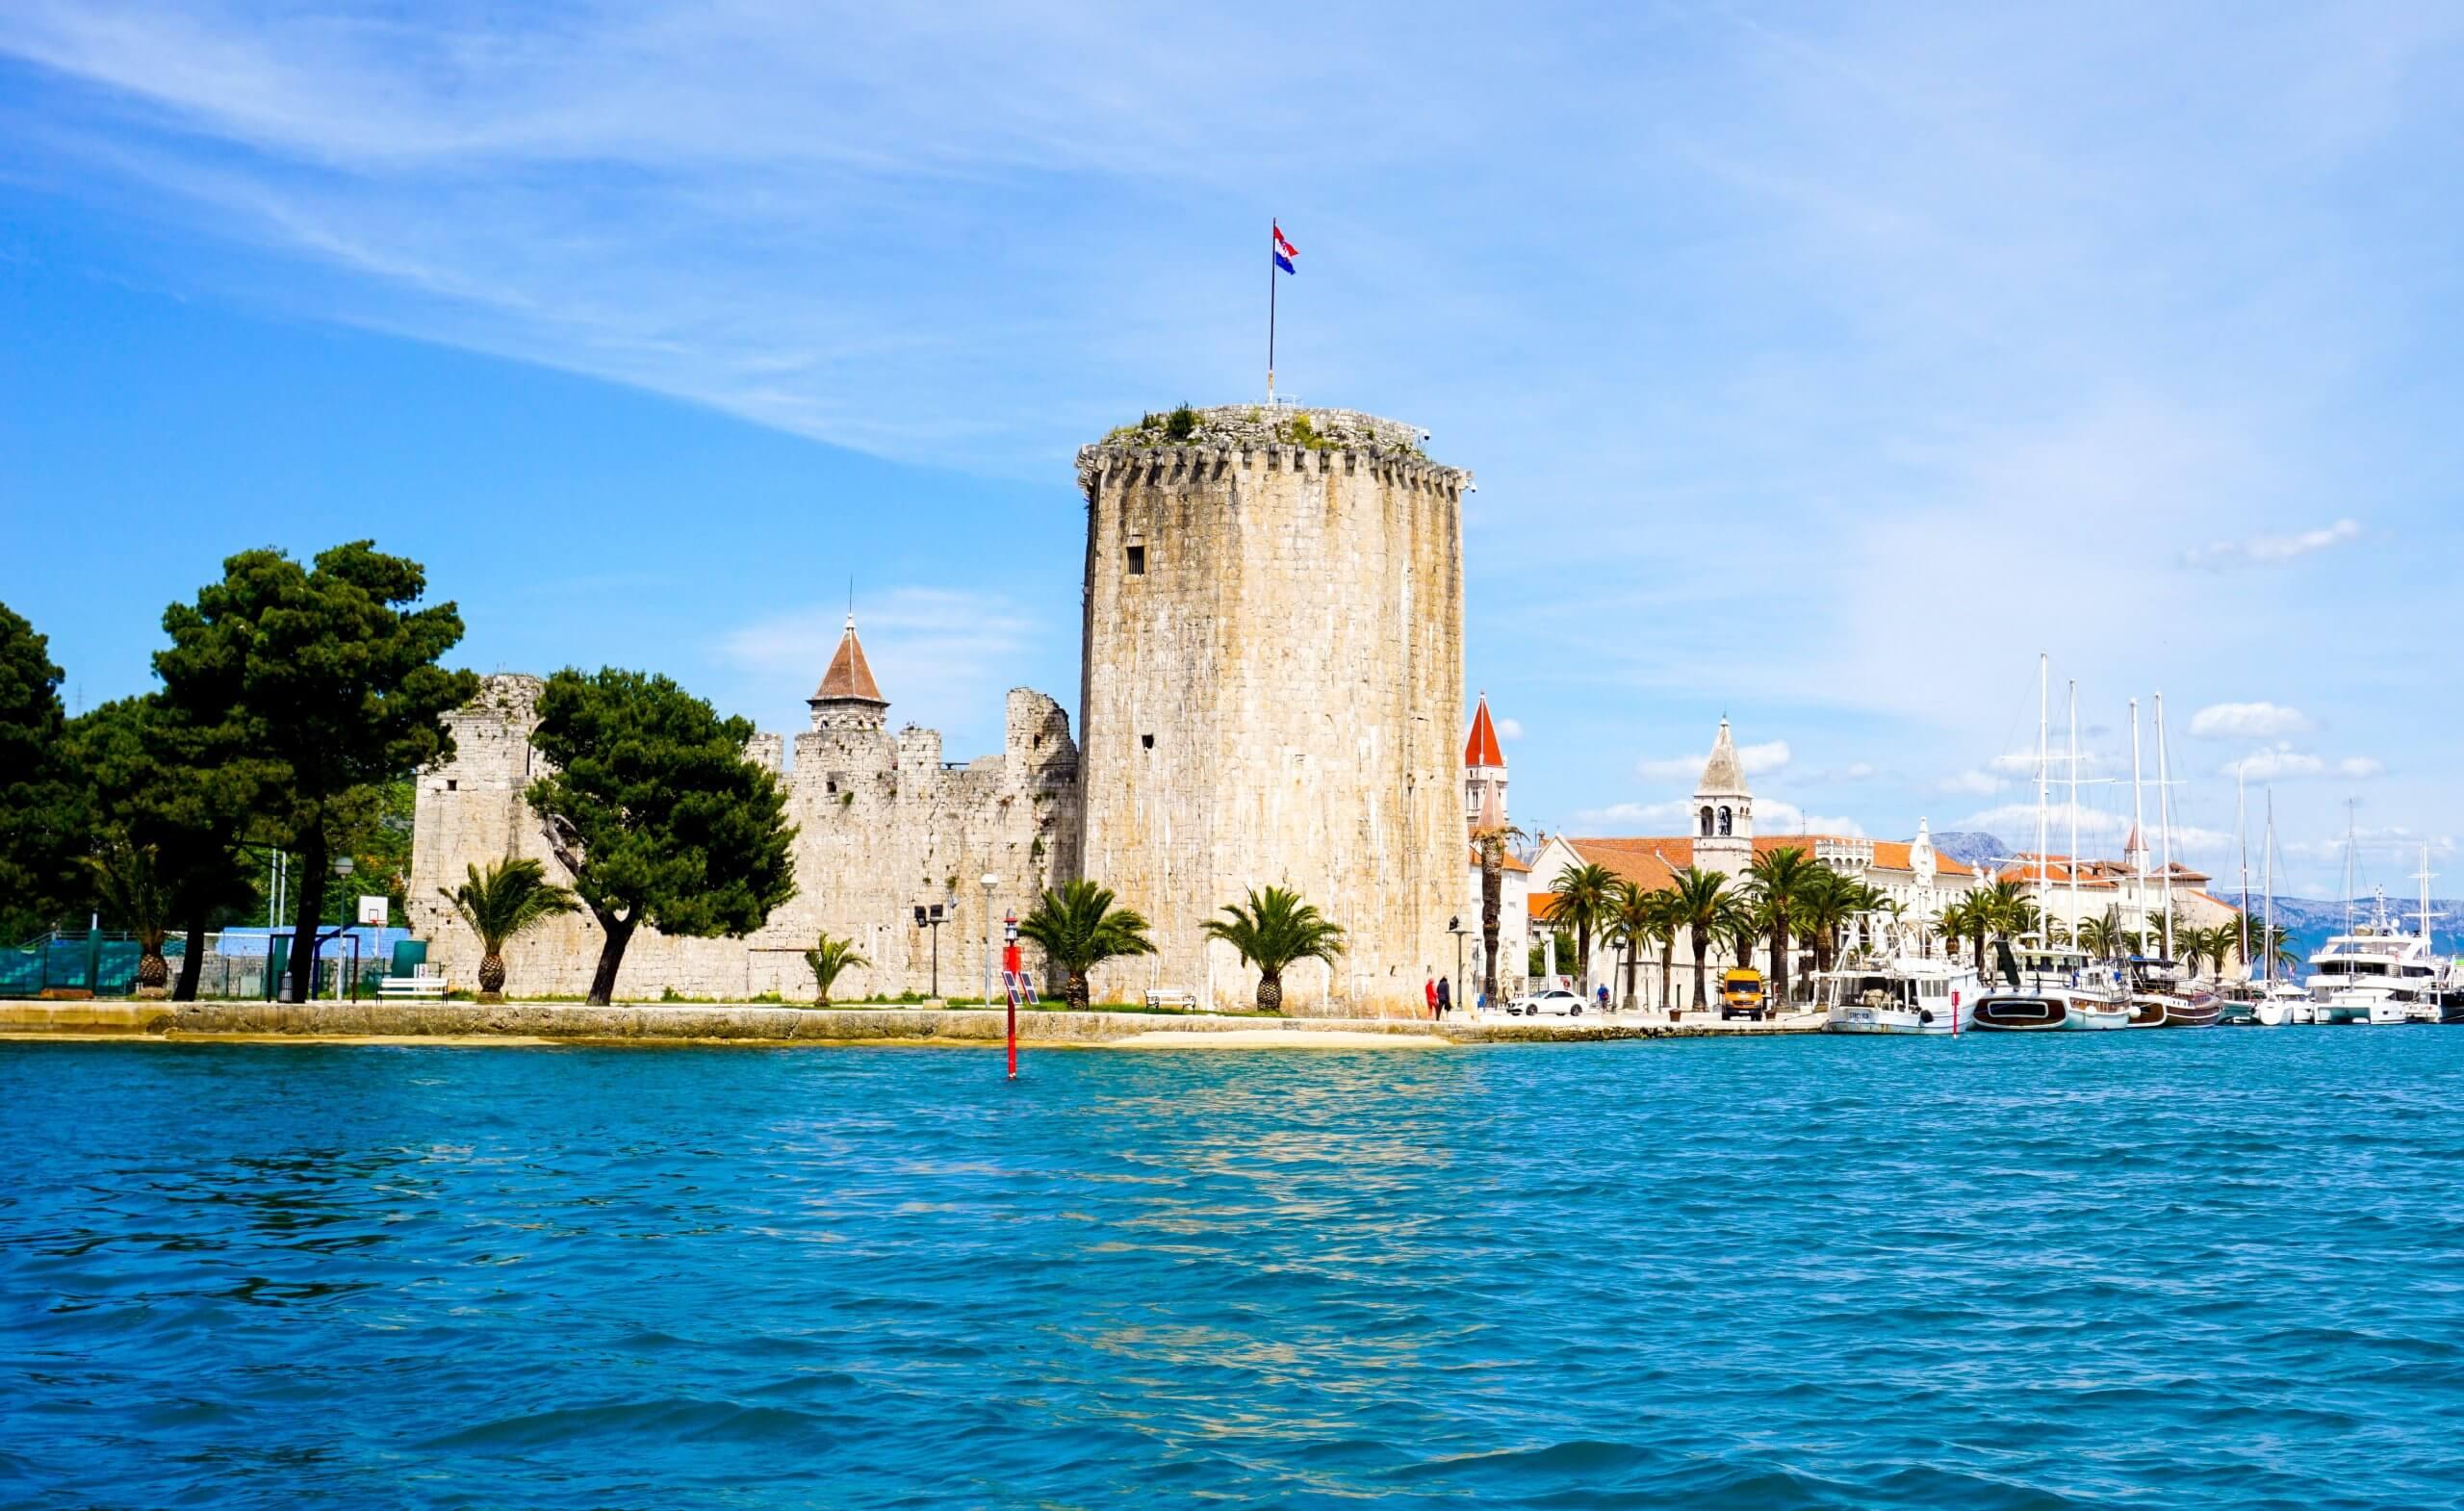 Nastavlja se 'zelena' transformacija: Trogir potpisao Akcijski plan smanjenja plastičnog onečišćenja